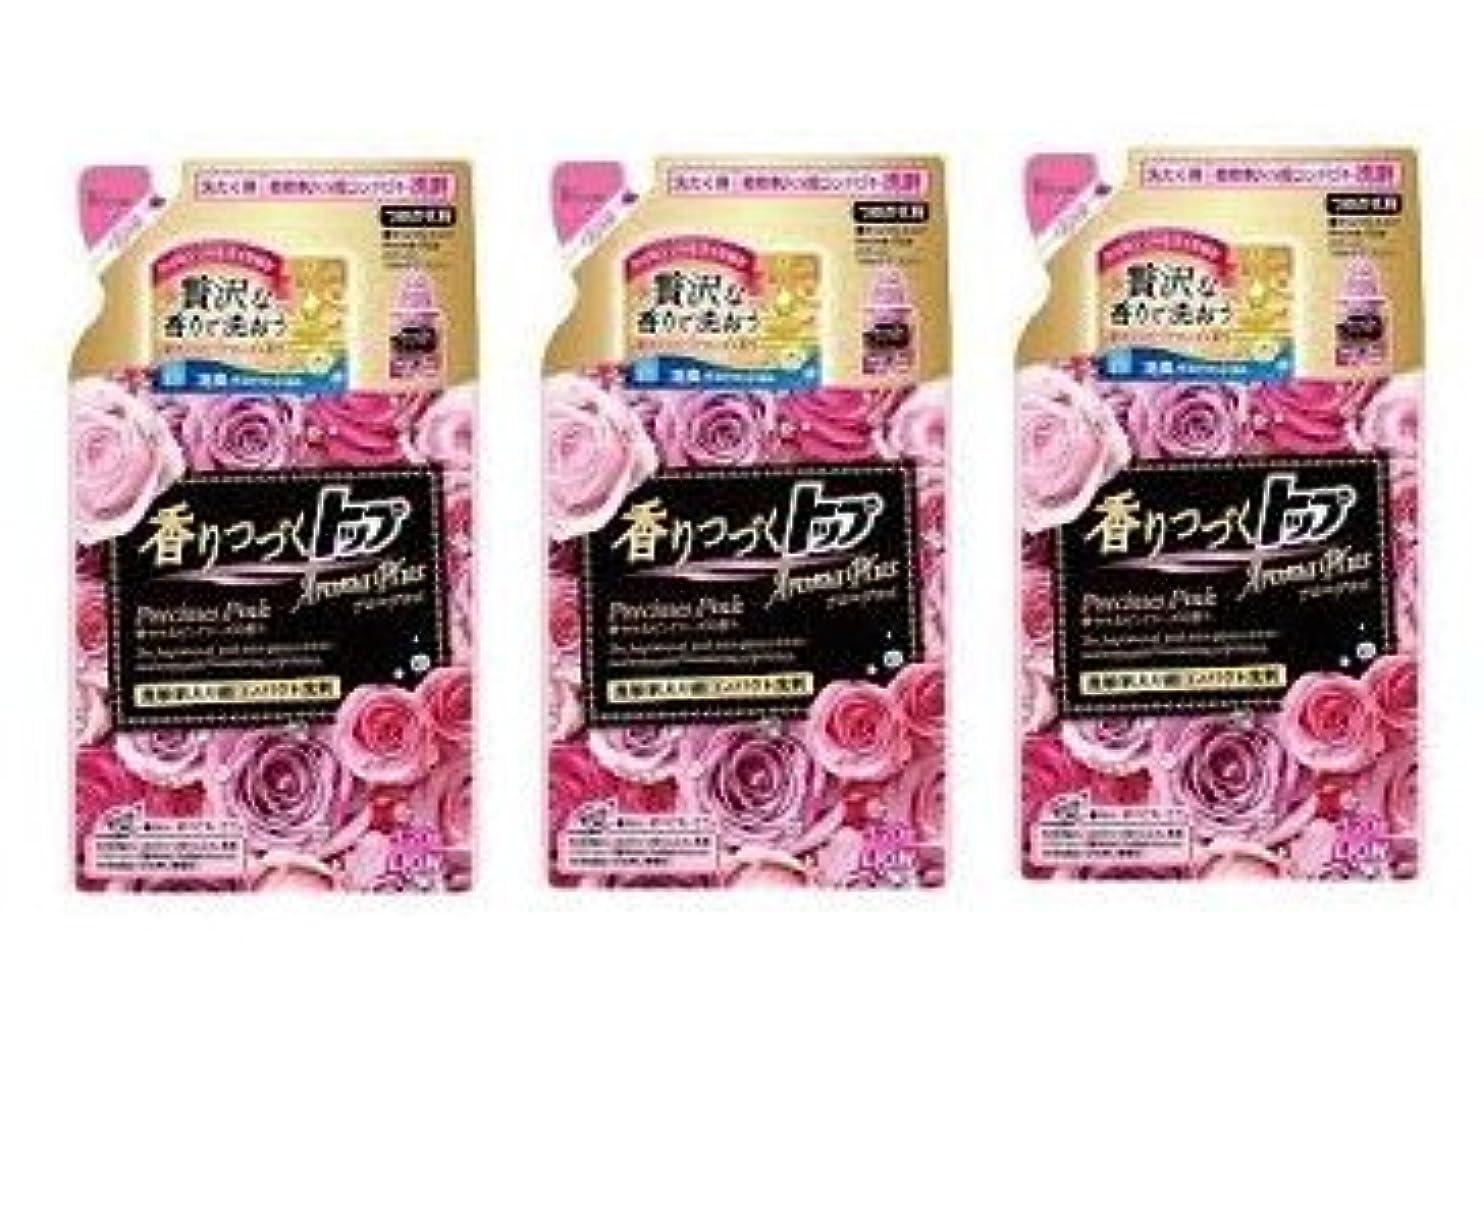 悪夢寝るまたは【まとめ買い】香りつづくトップ アロマプラス 洗濯洗剤 液体 プレシャスピンク 詰め替え 320g × 3個